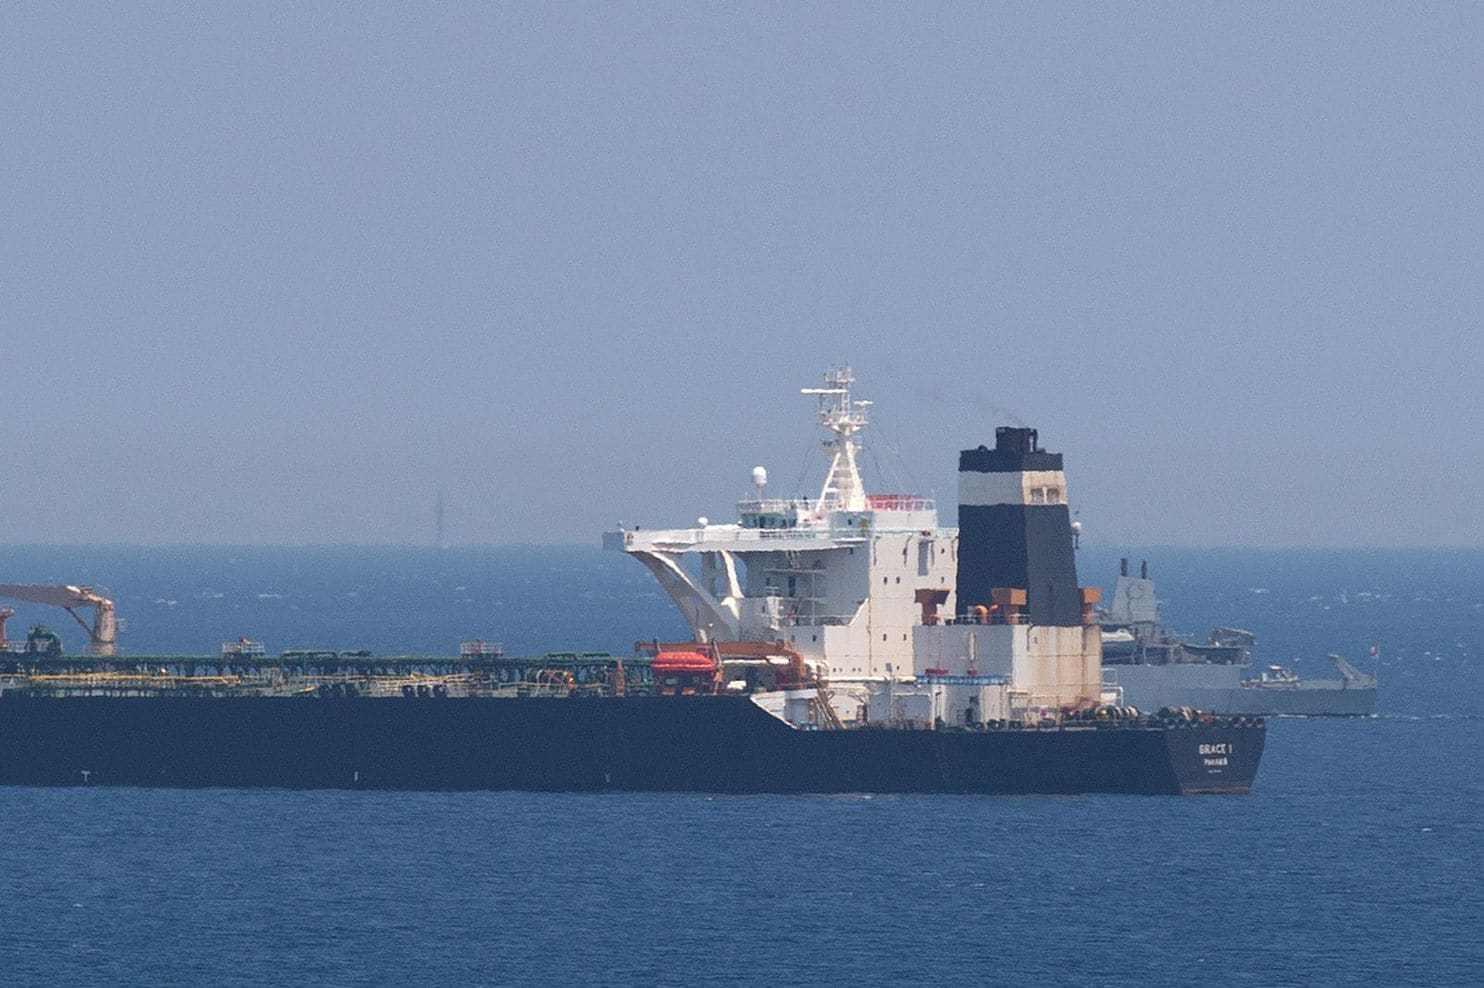 英国没想到伊朗敢反击,大批军舰堵住货轮航线,美舰进入战备状态